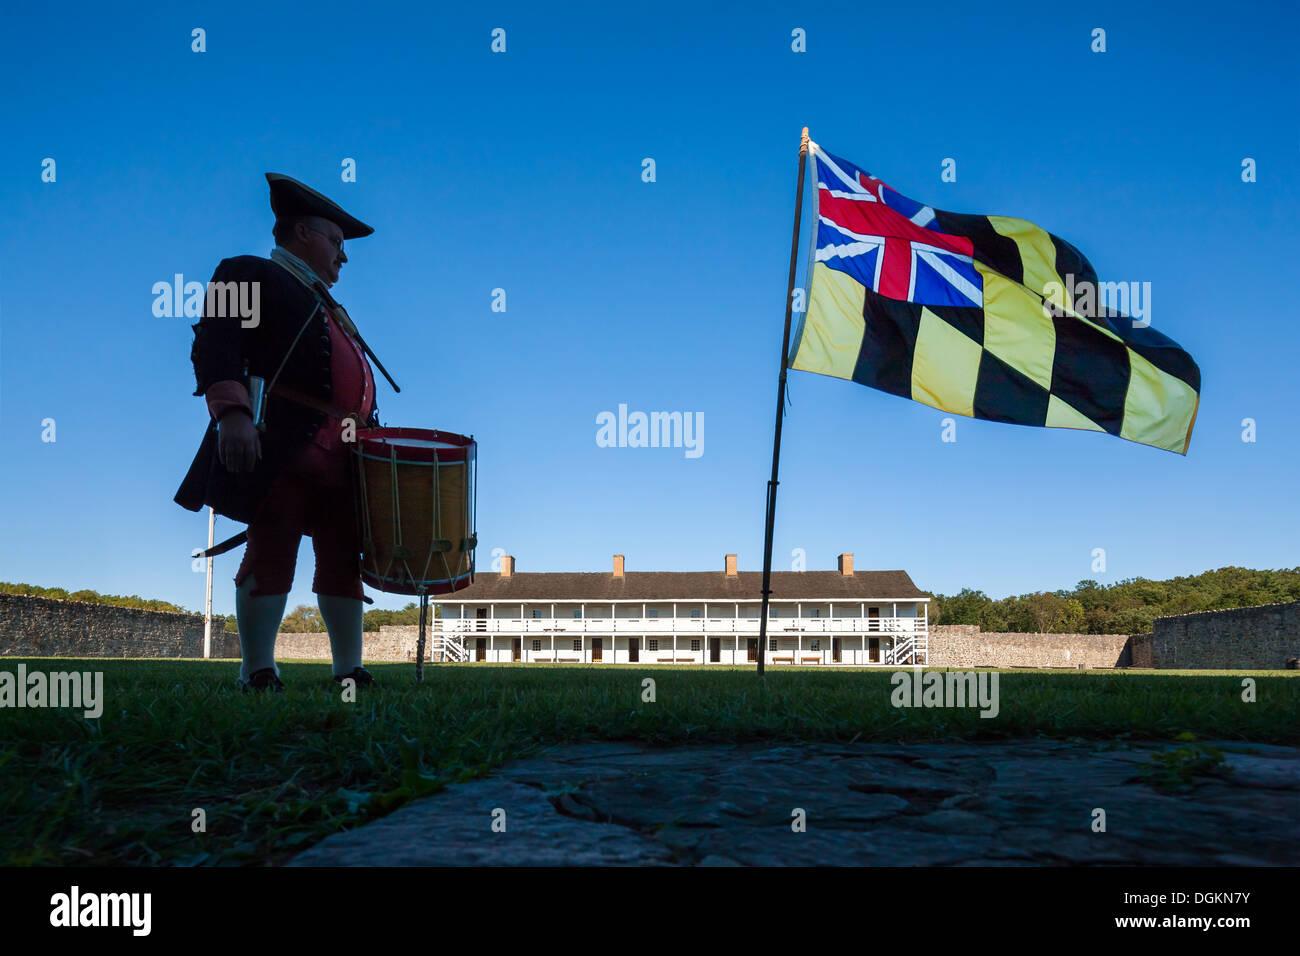 La vie quotidienne dans l'historique du Fort Frederick Maryland volunteer batteur avec ère coloniale drapeau du Maryland et à l'Est des casernes. Banque D'Images